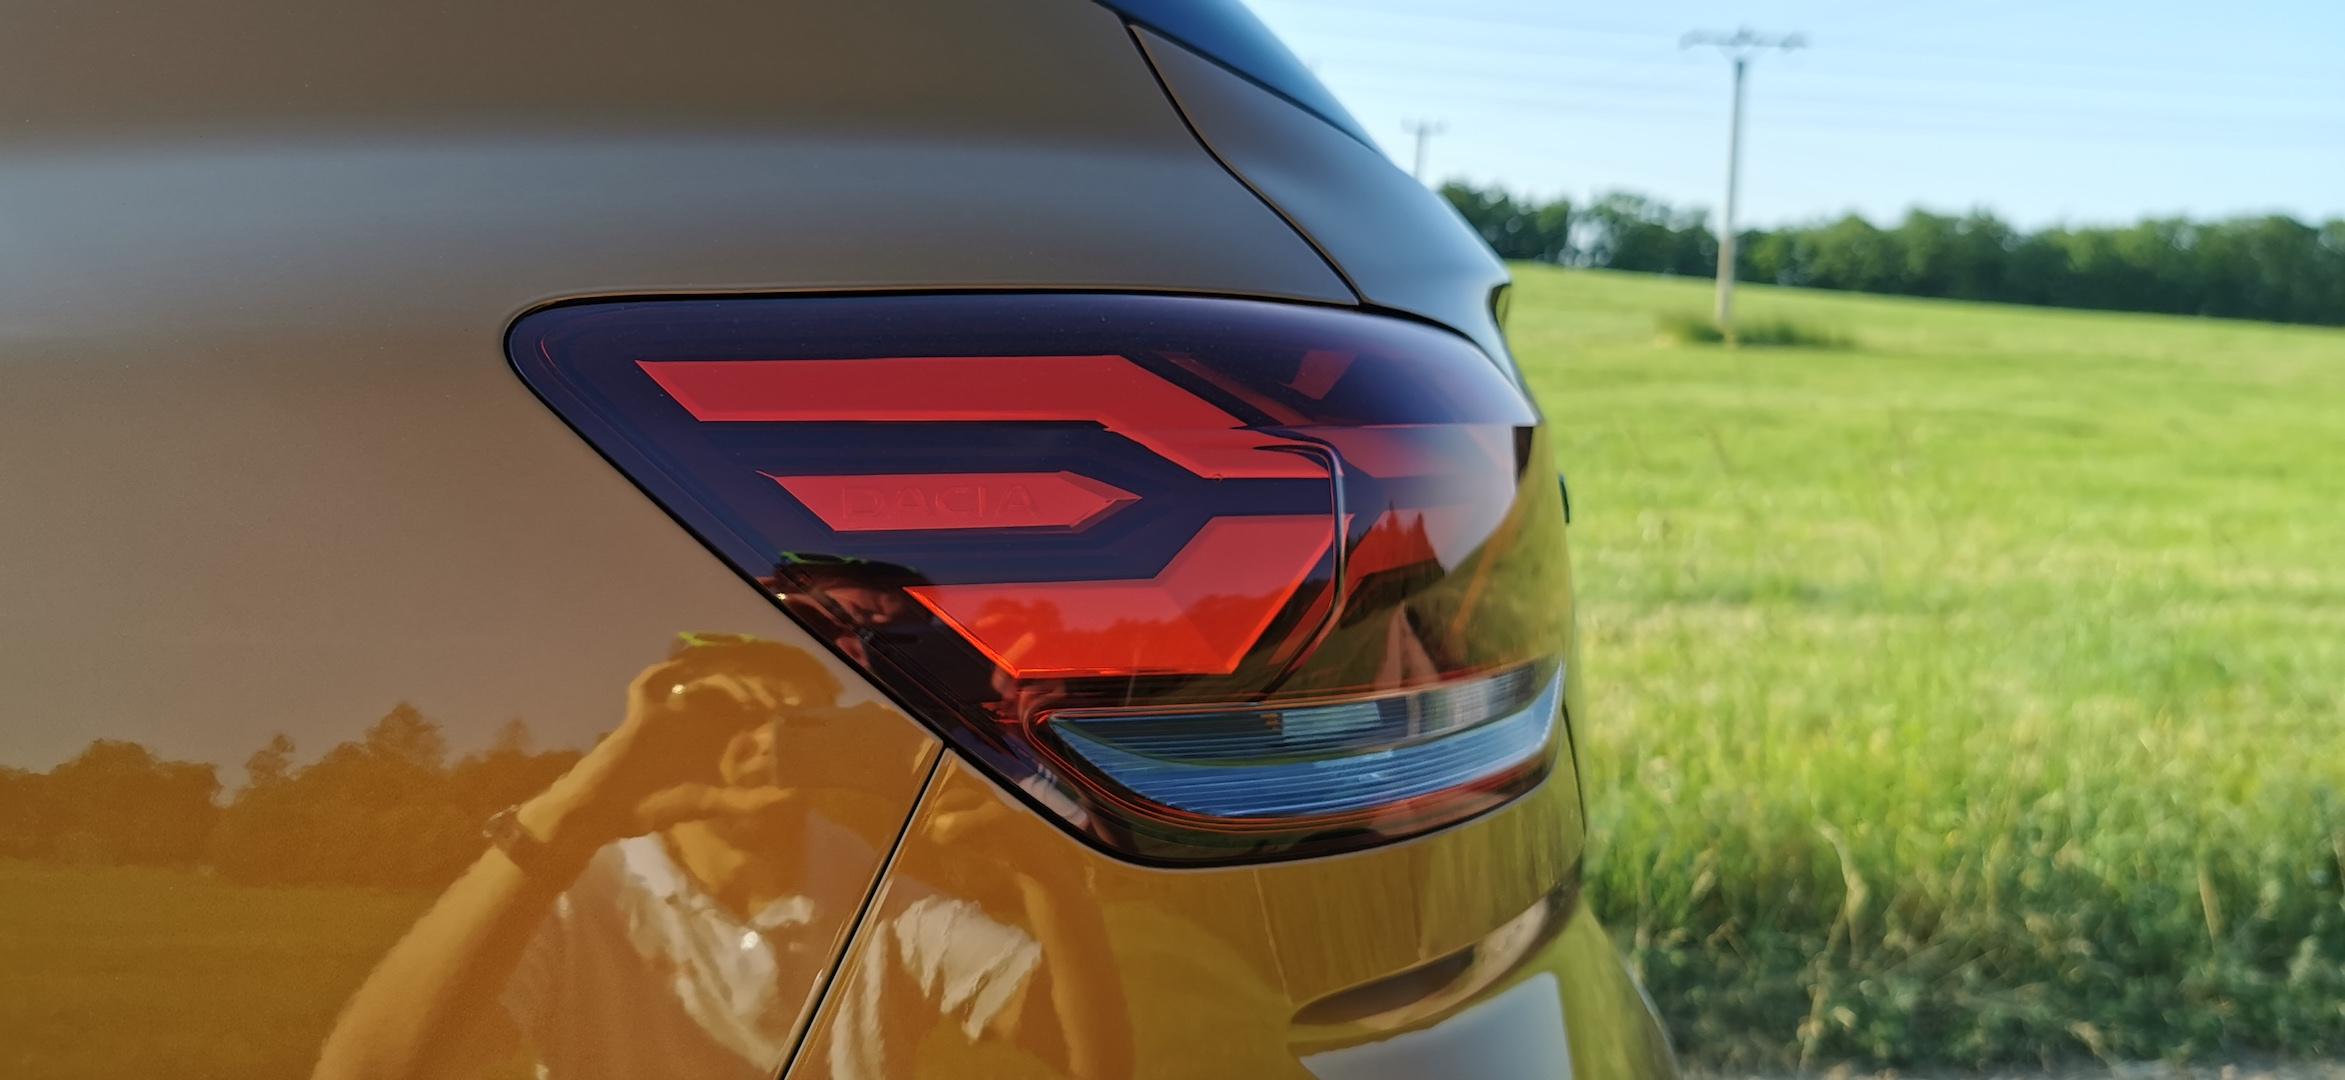 Dacia Sandero Stepway 1,0 TCe LPG - zadní světlo